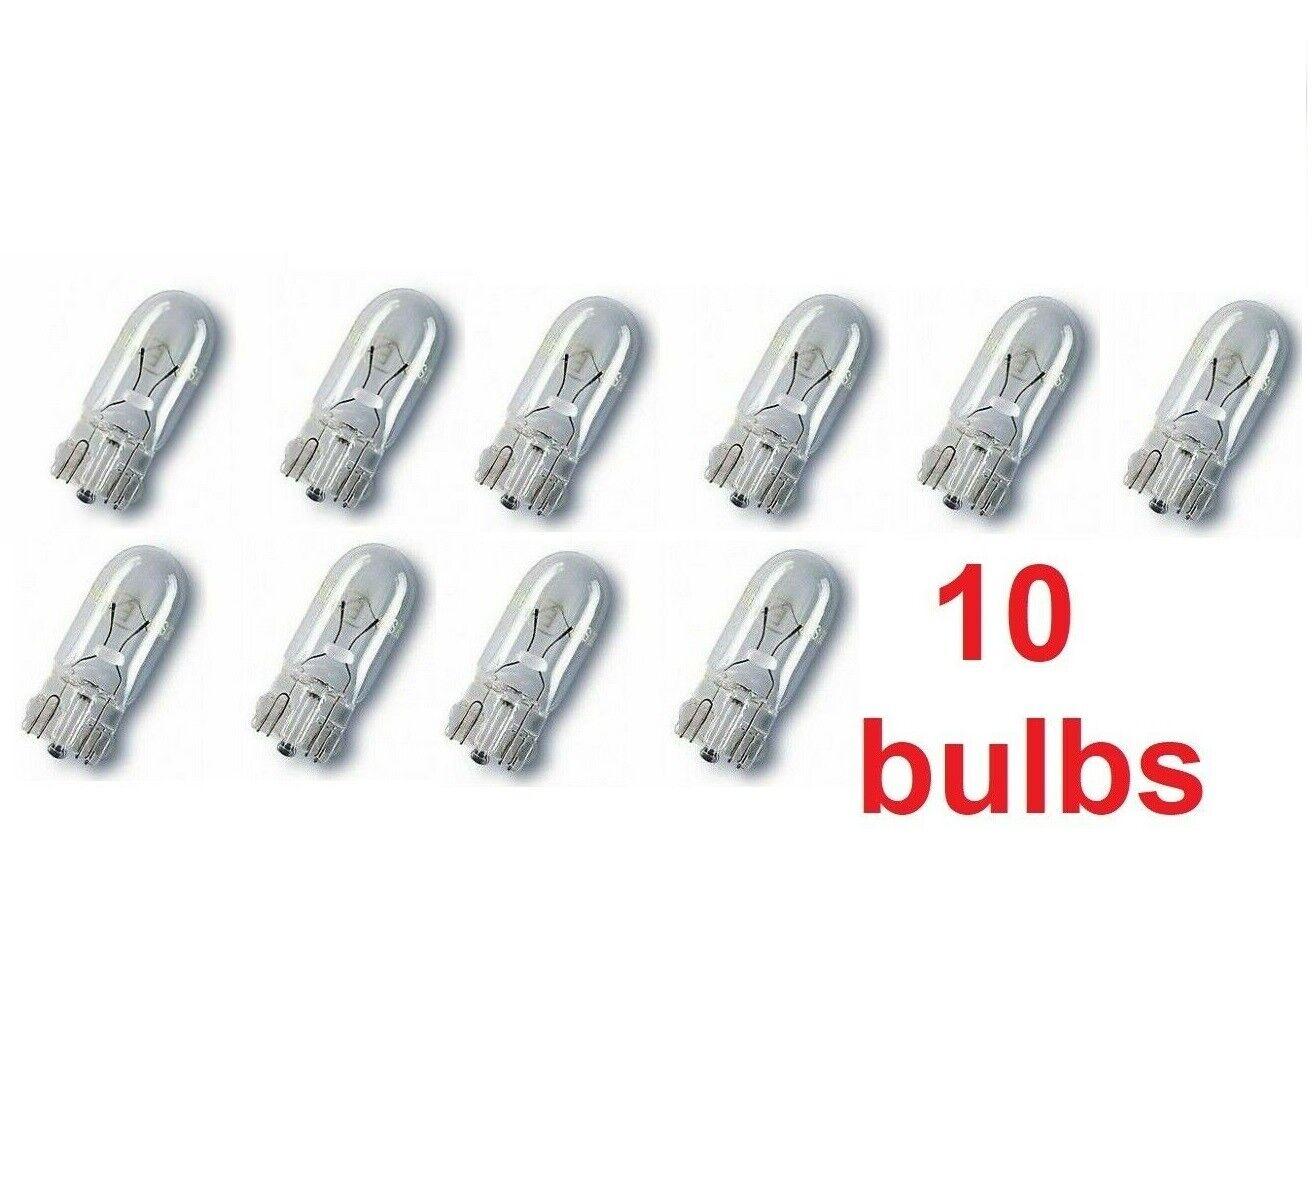 Car Parts - 501 Capless Side Light Bulbs - 12V 5W Halogen Car Bulbs Bulb